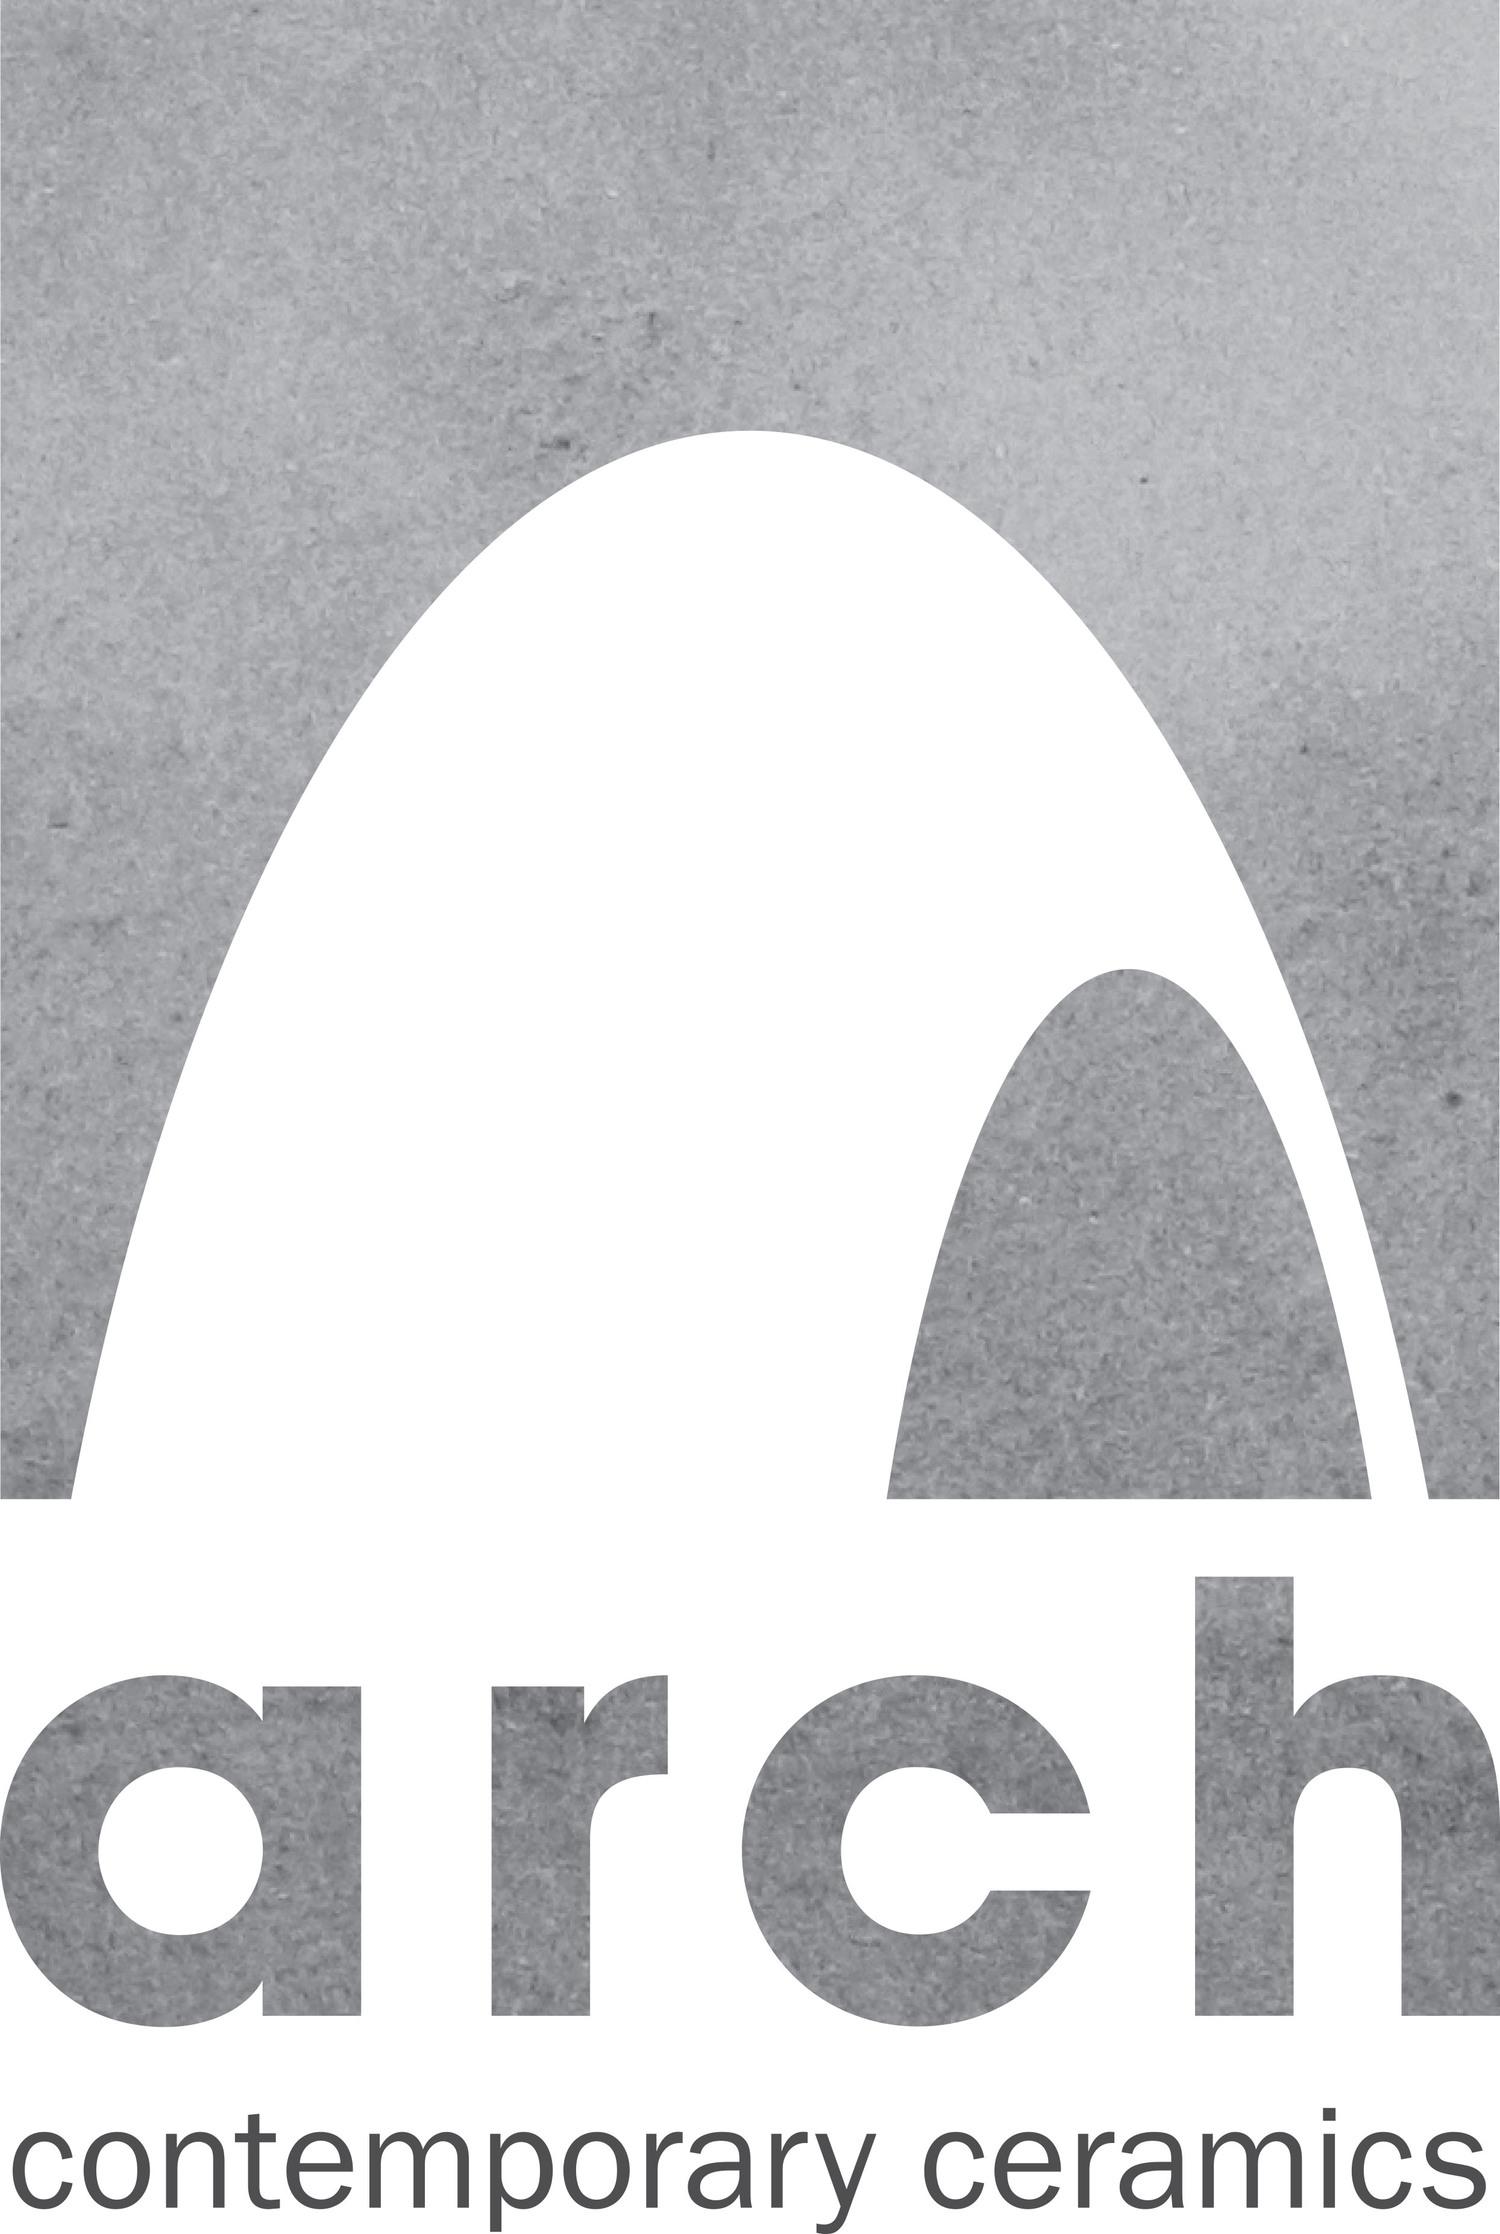 archlogo